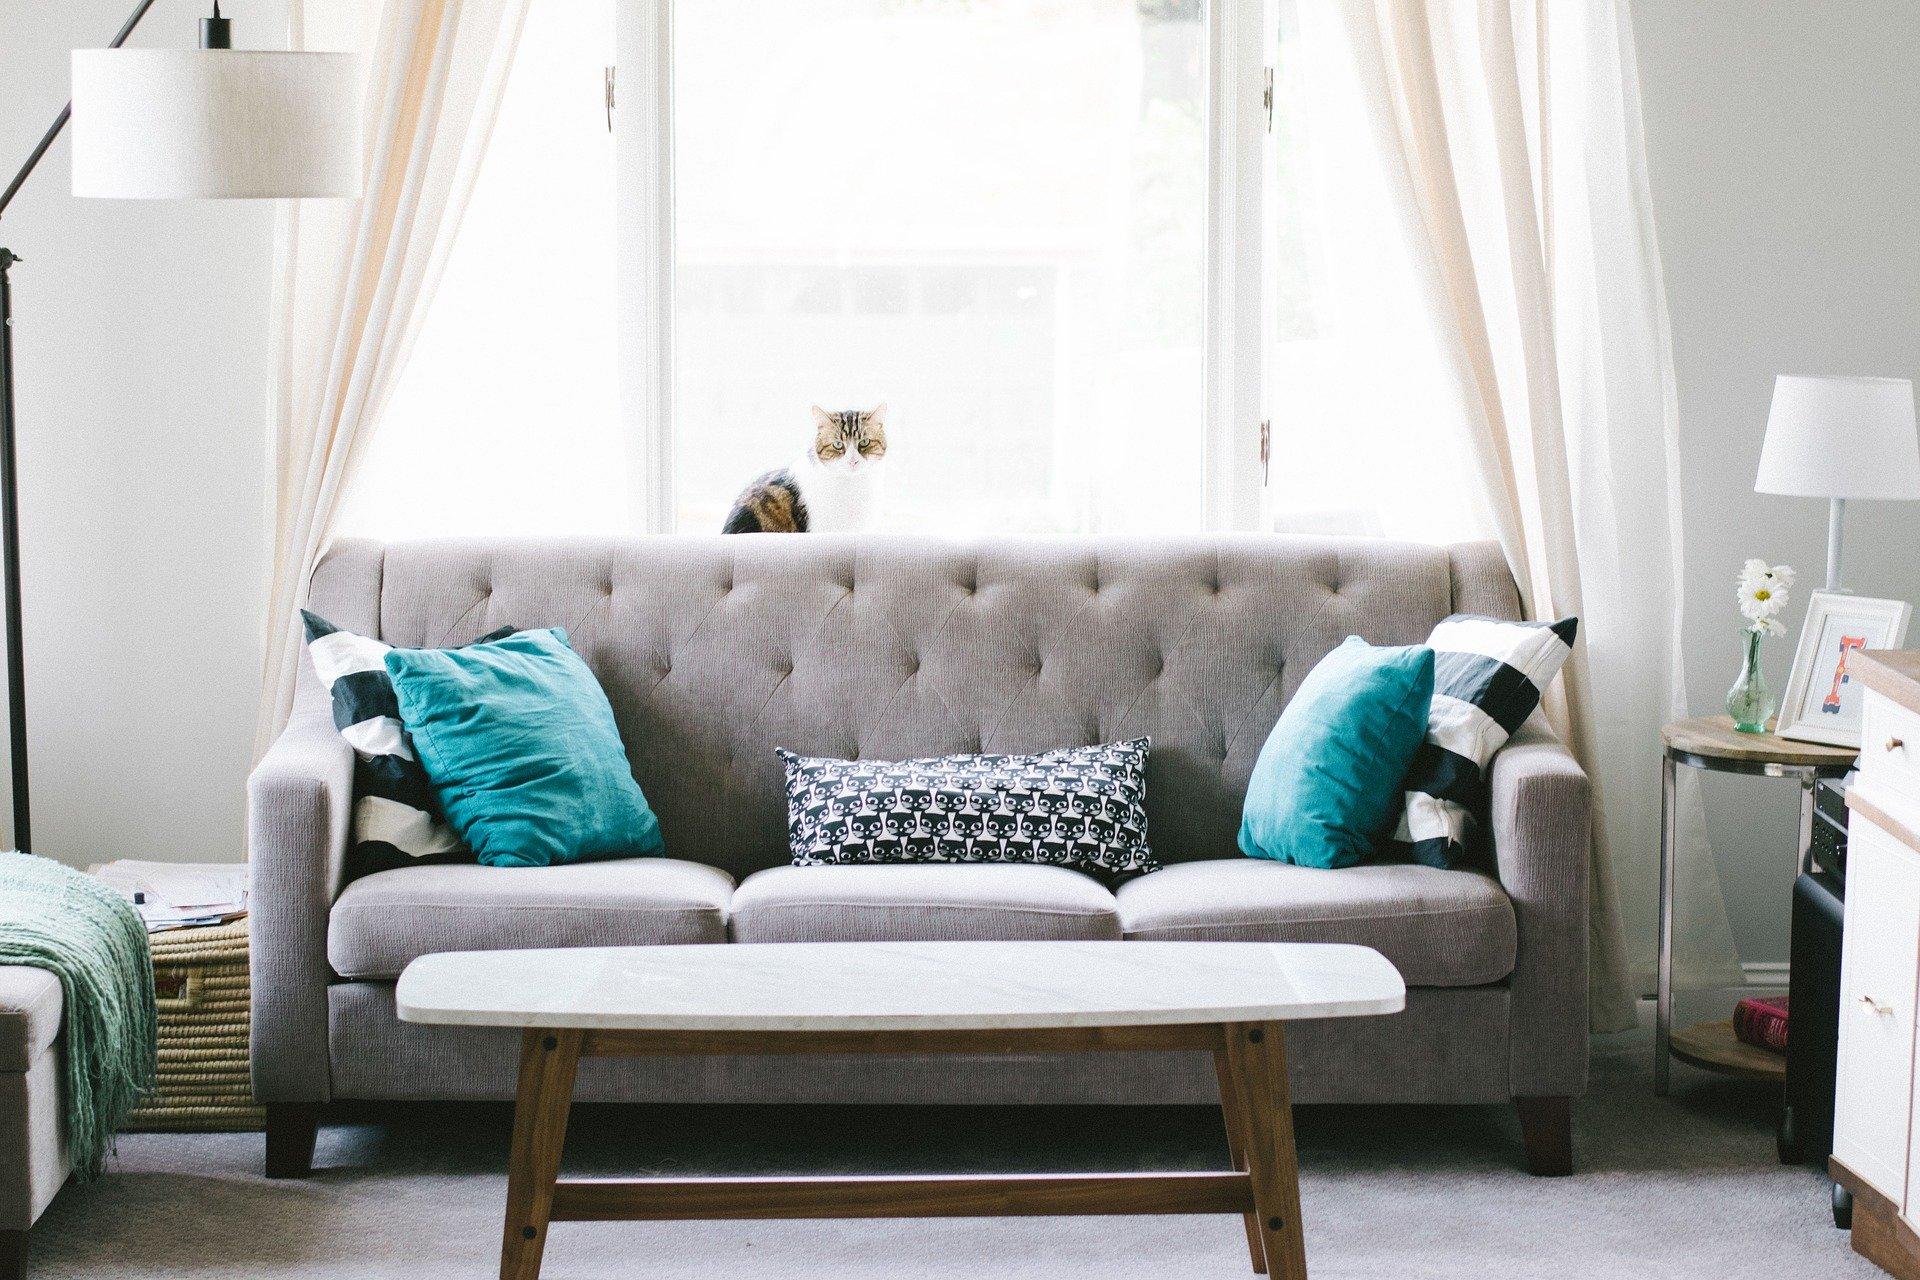 意式极简沙发,诠释现代轻奢的舒适质感